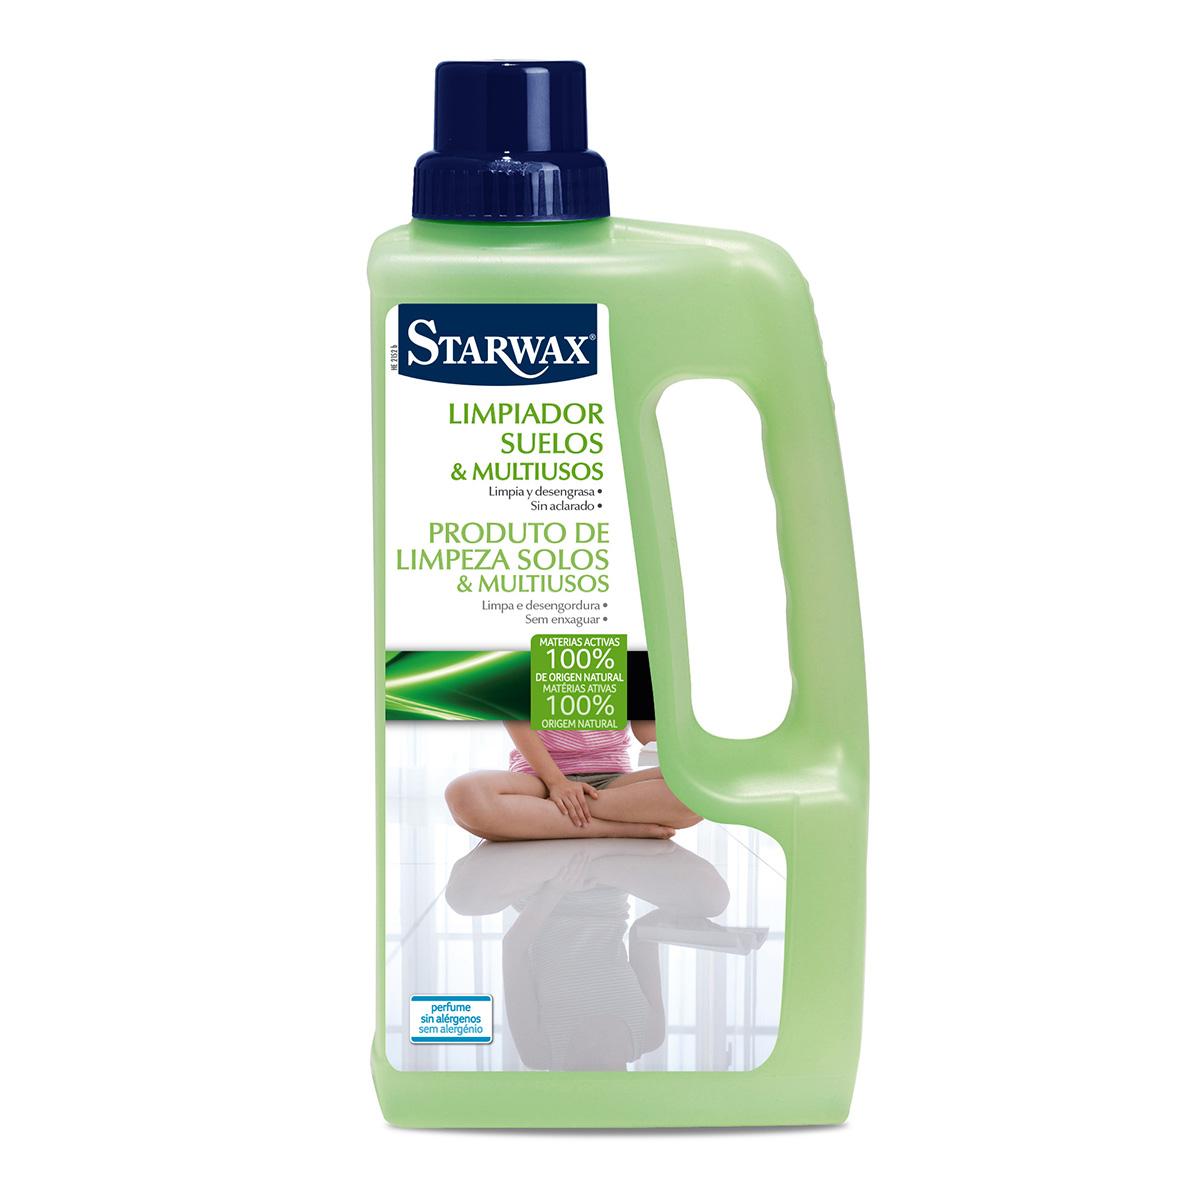 Limpiador ecológico suelos y multiusos - Starwax